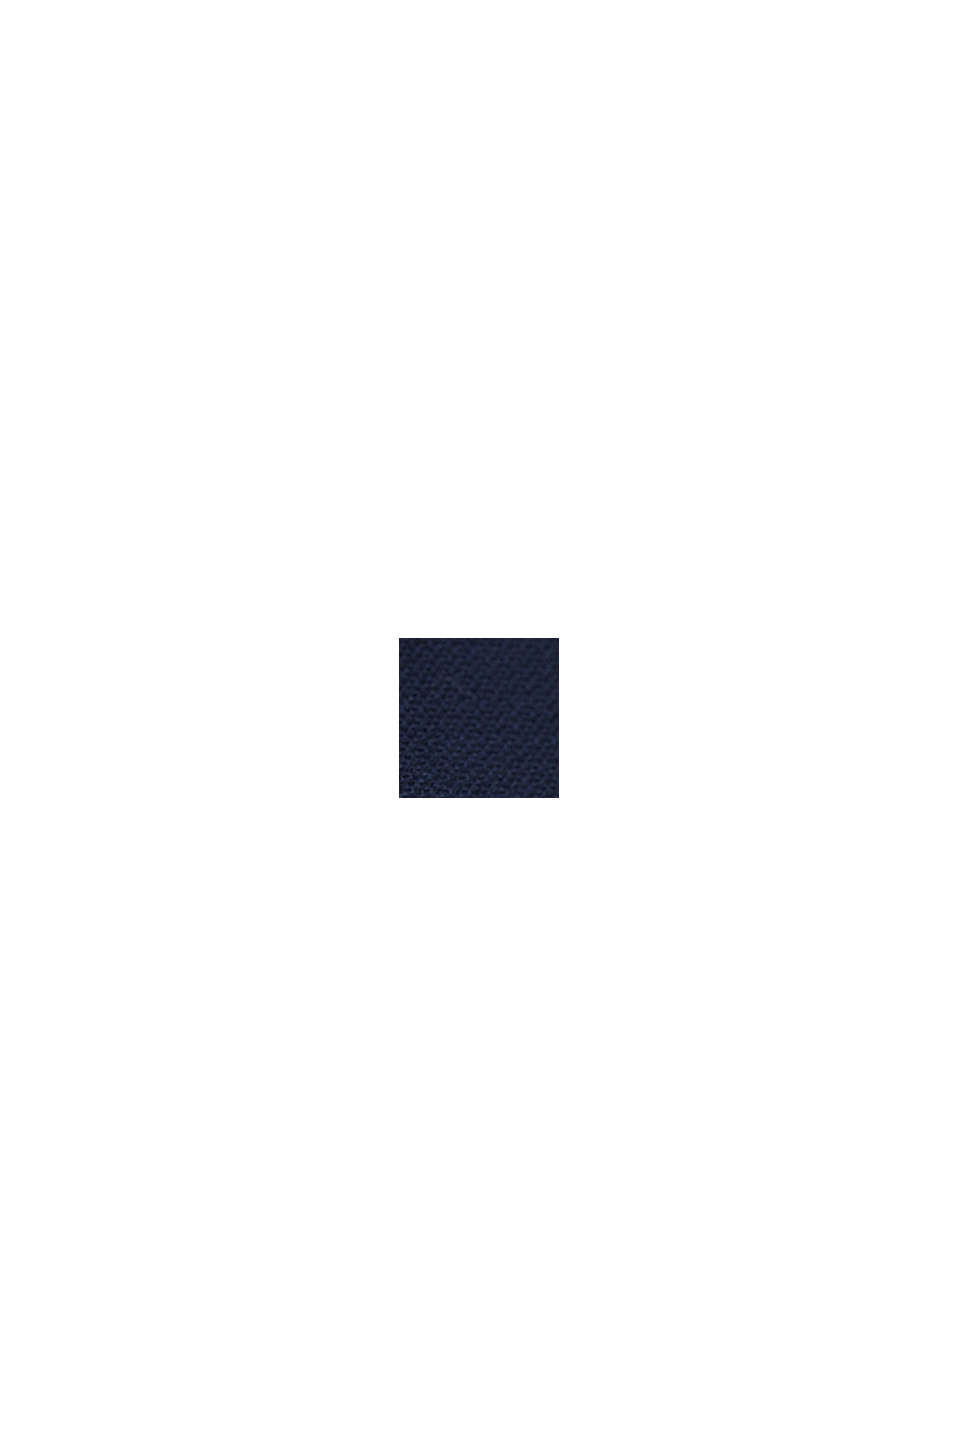 Chinos i bomullsstretch, DARK BLUE, swatch